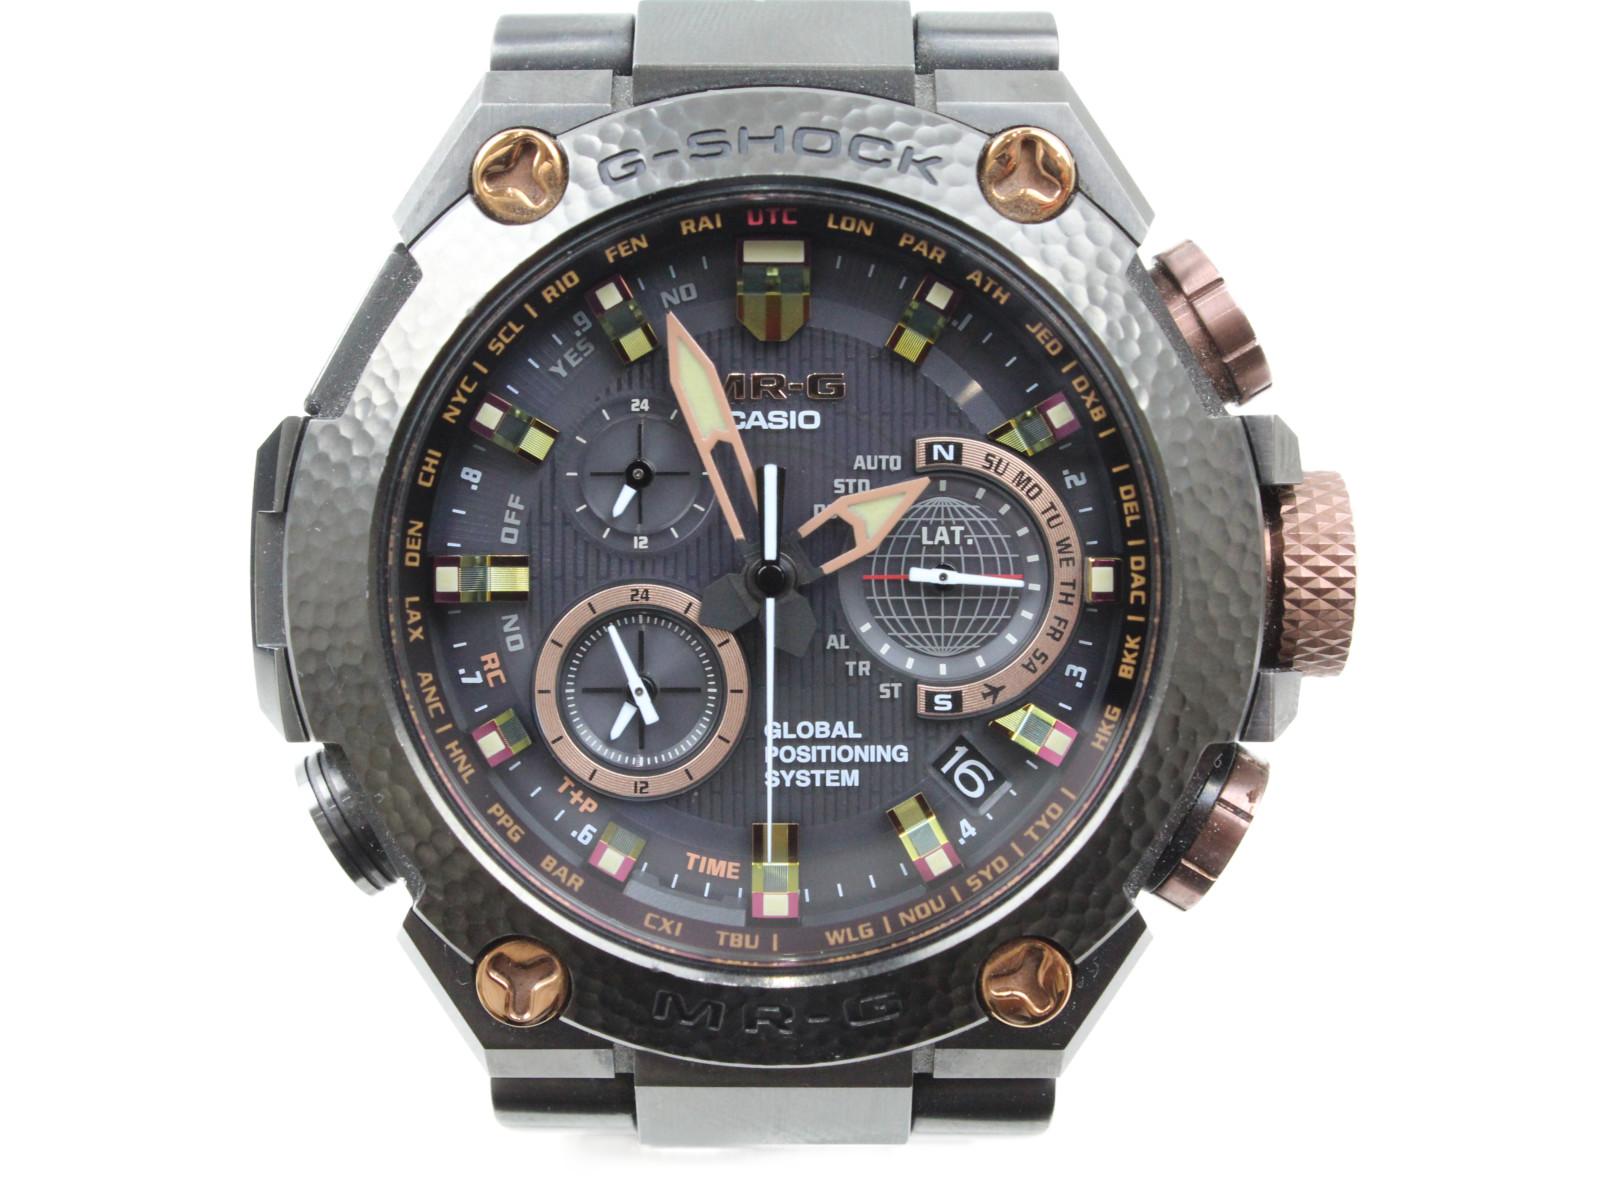 【MR-G20周年記念モデル/世界300本限定】CASIO カシオ G-SHOCK MR-G MRG-G1000HT-1AJR アナログ クロノグラフ ブラック メンズ 腕時計 ギフト プレゼント 包装無料【中古】